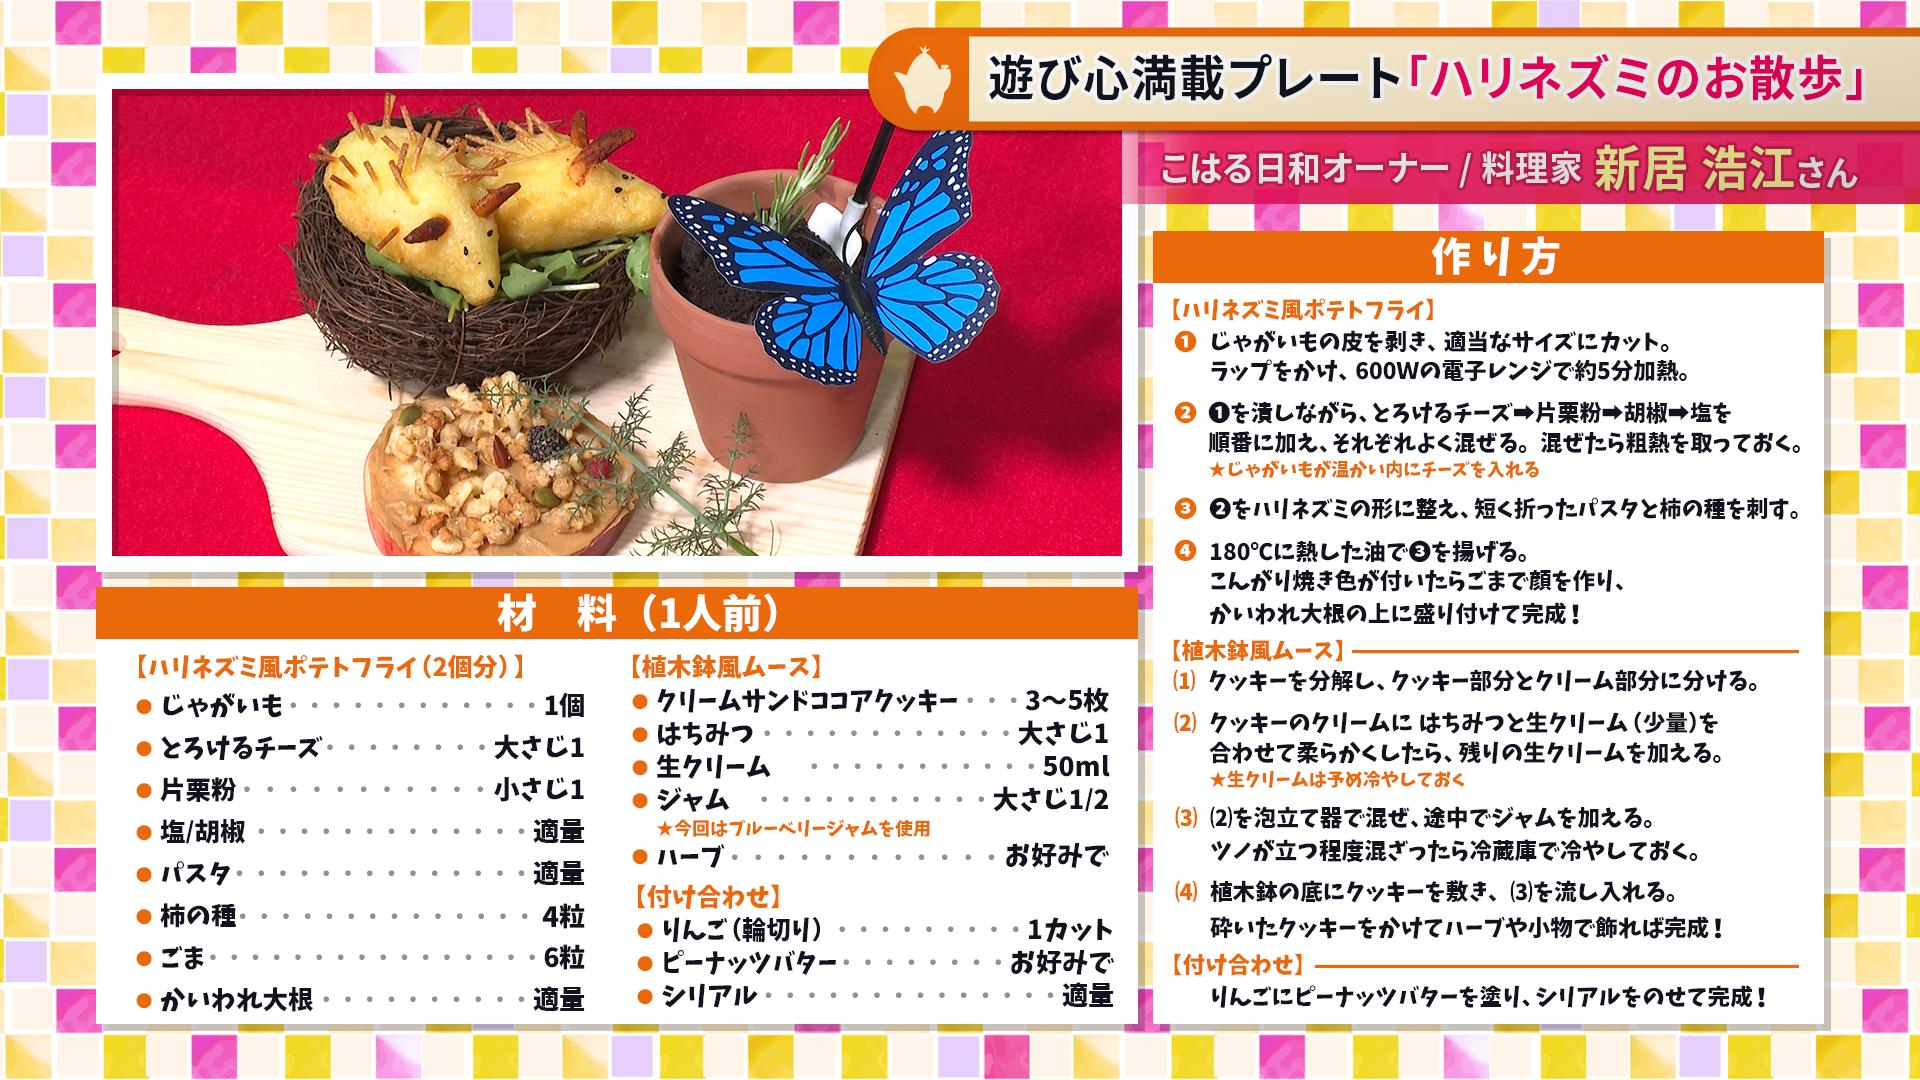 たけナビ『ハリネズミのお散歩』レシピ(9/15初回放送)